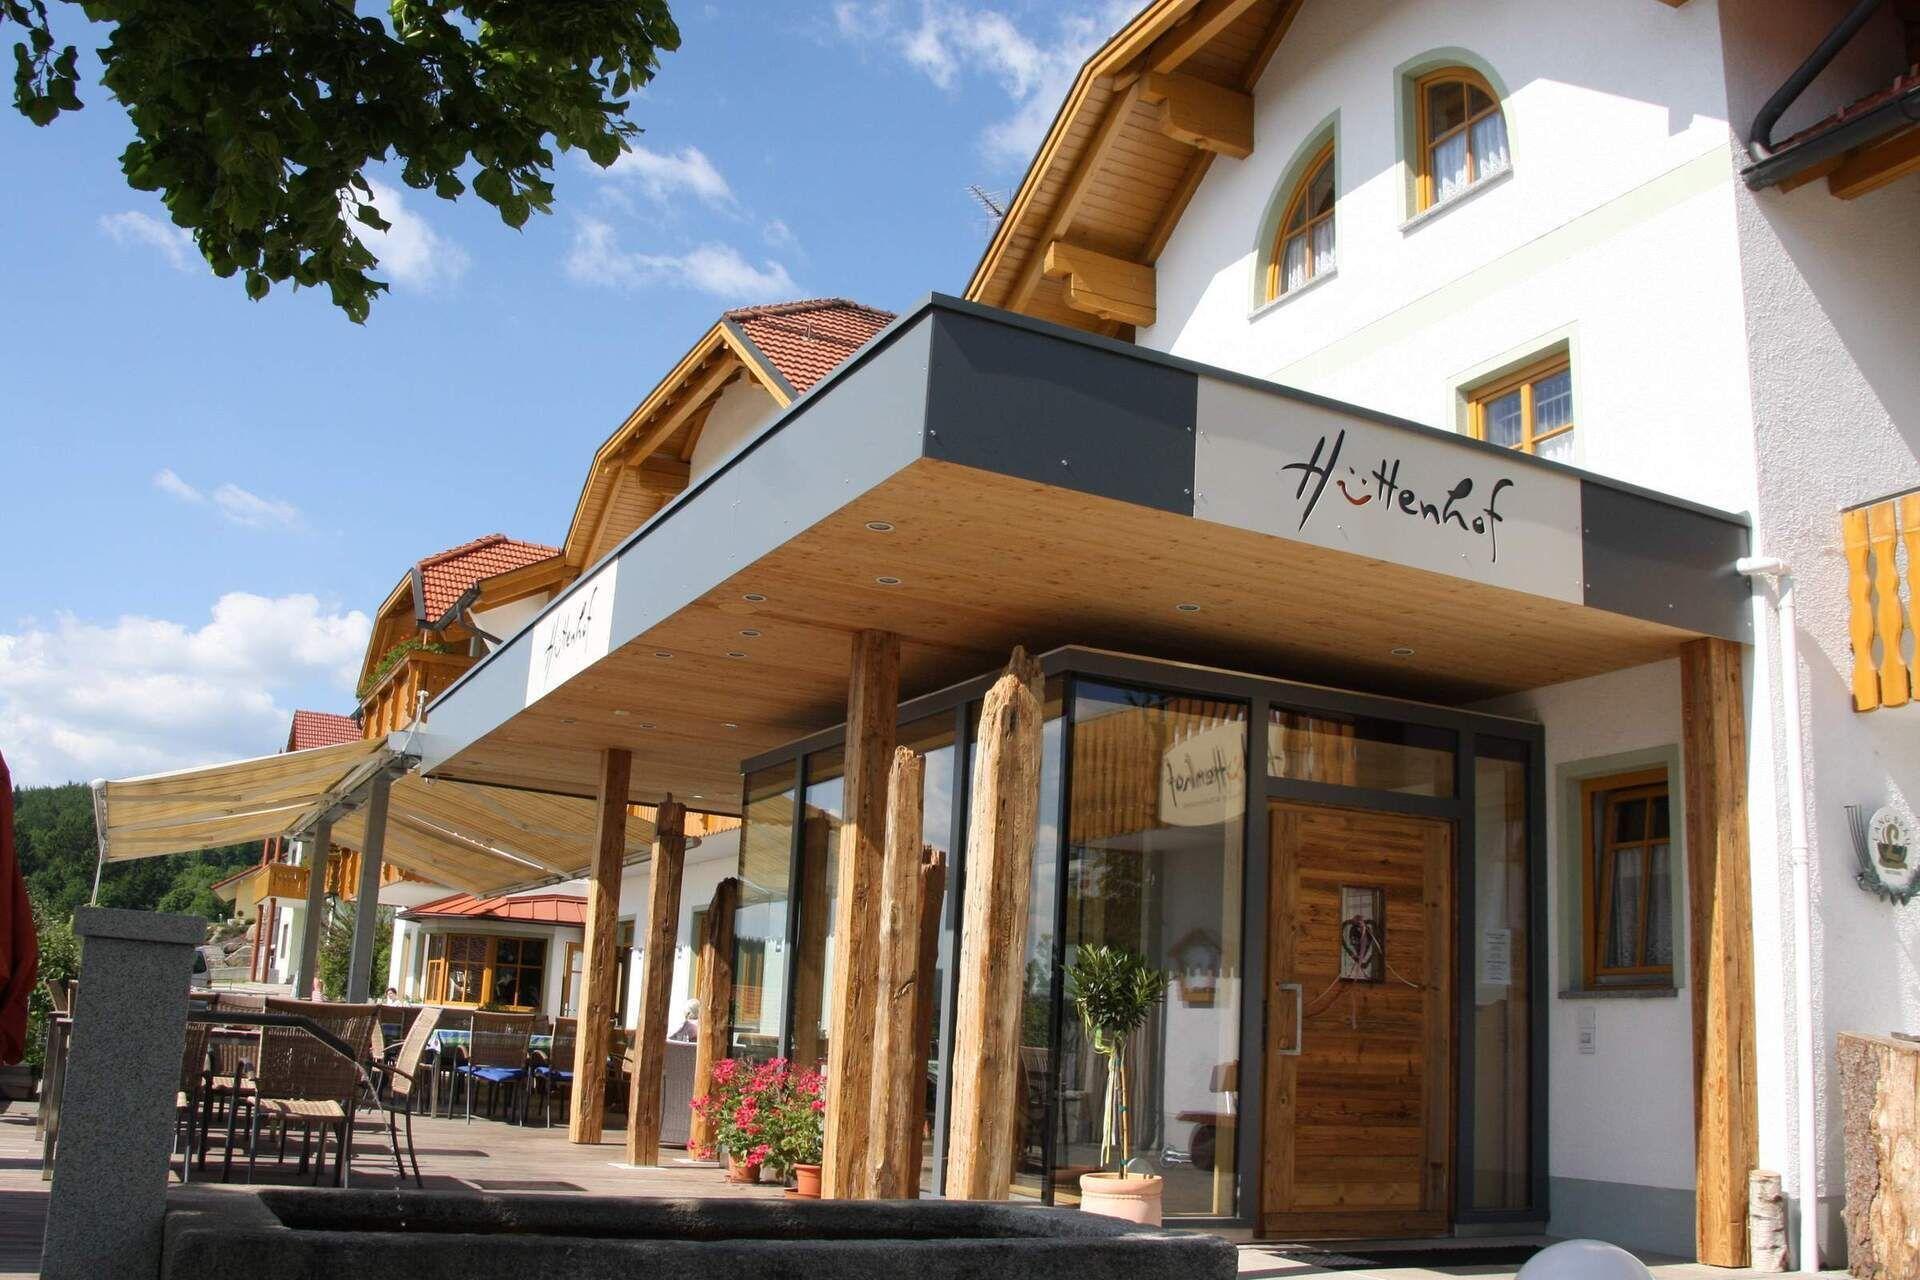 impressum 4 sterne wellnesshotel bayerischer wald bayern erwachsenenhotel h ttenhof. Black Bedroom Furniture Sets. Home Design Ideas